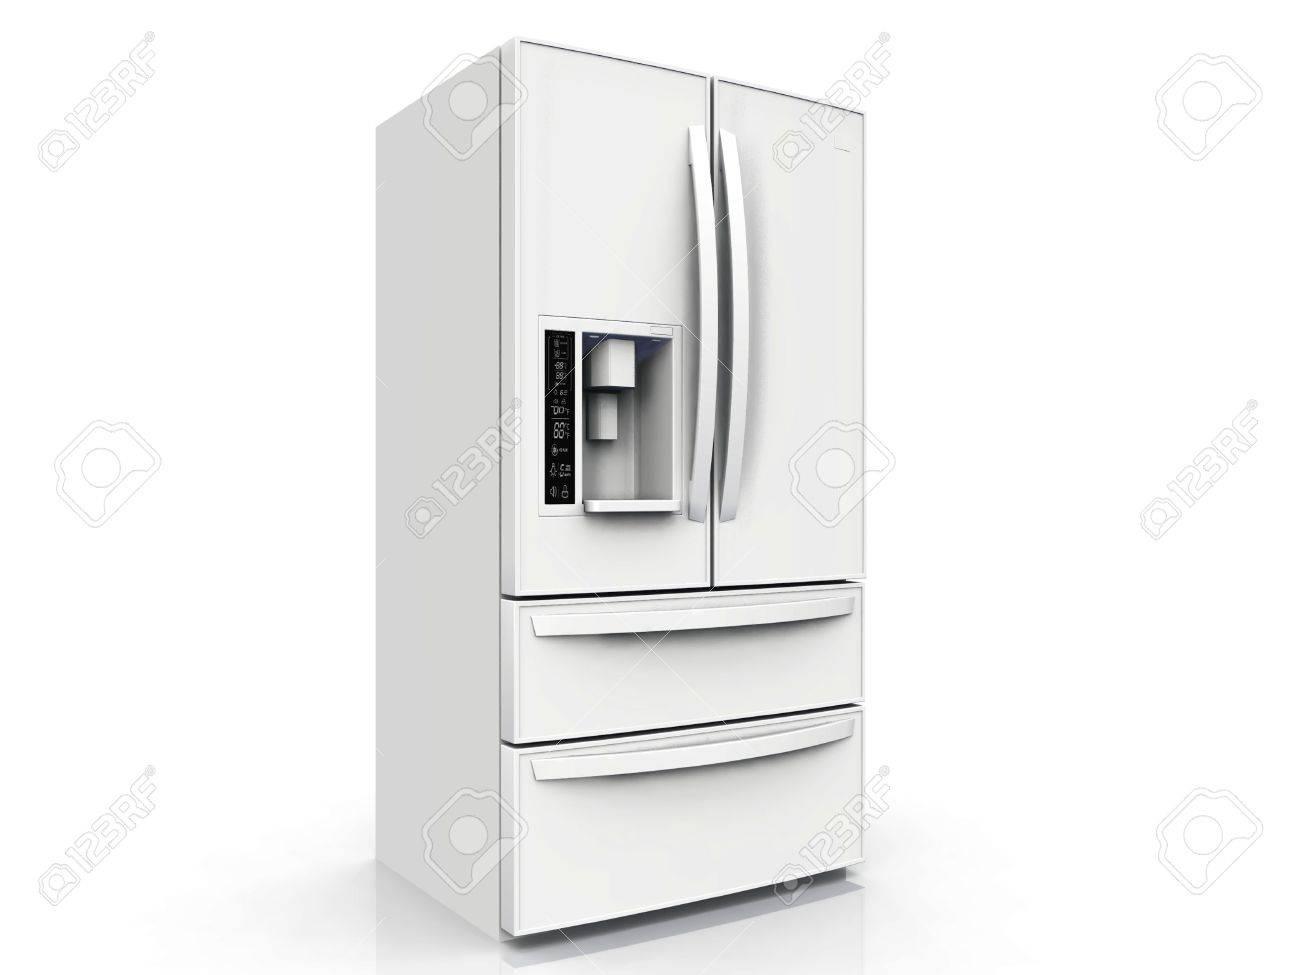 Amerikanischer Kühlschrank Bilder : Amerikanischer kühlschrank auf weißem hintergrund lizenzfreie